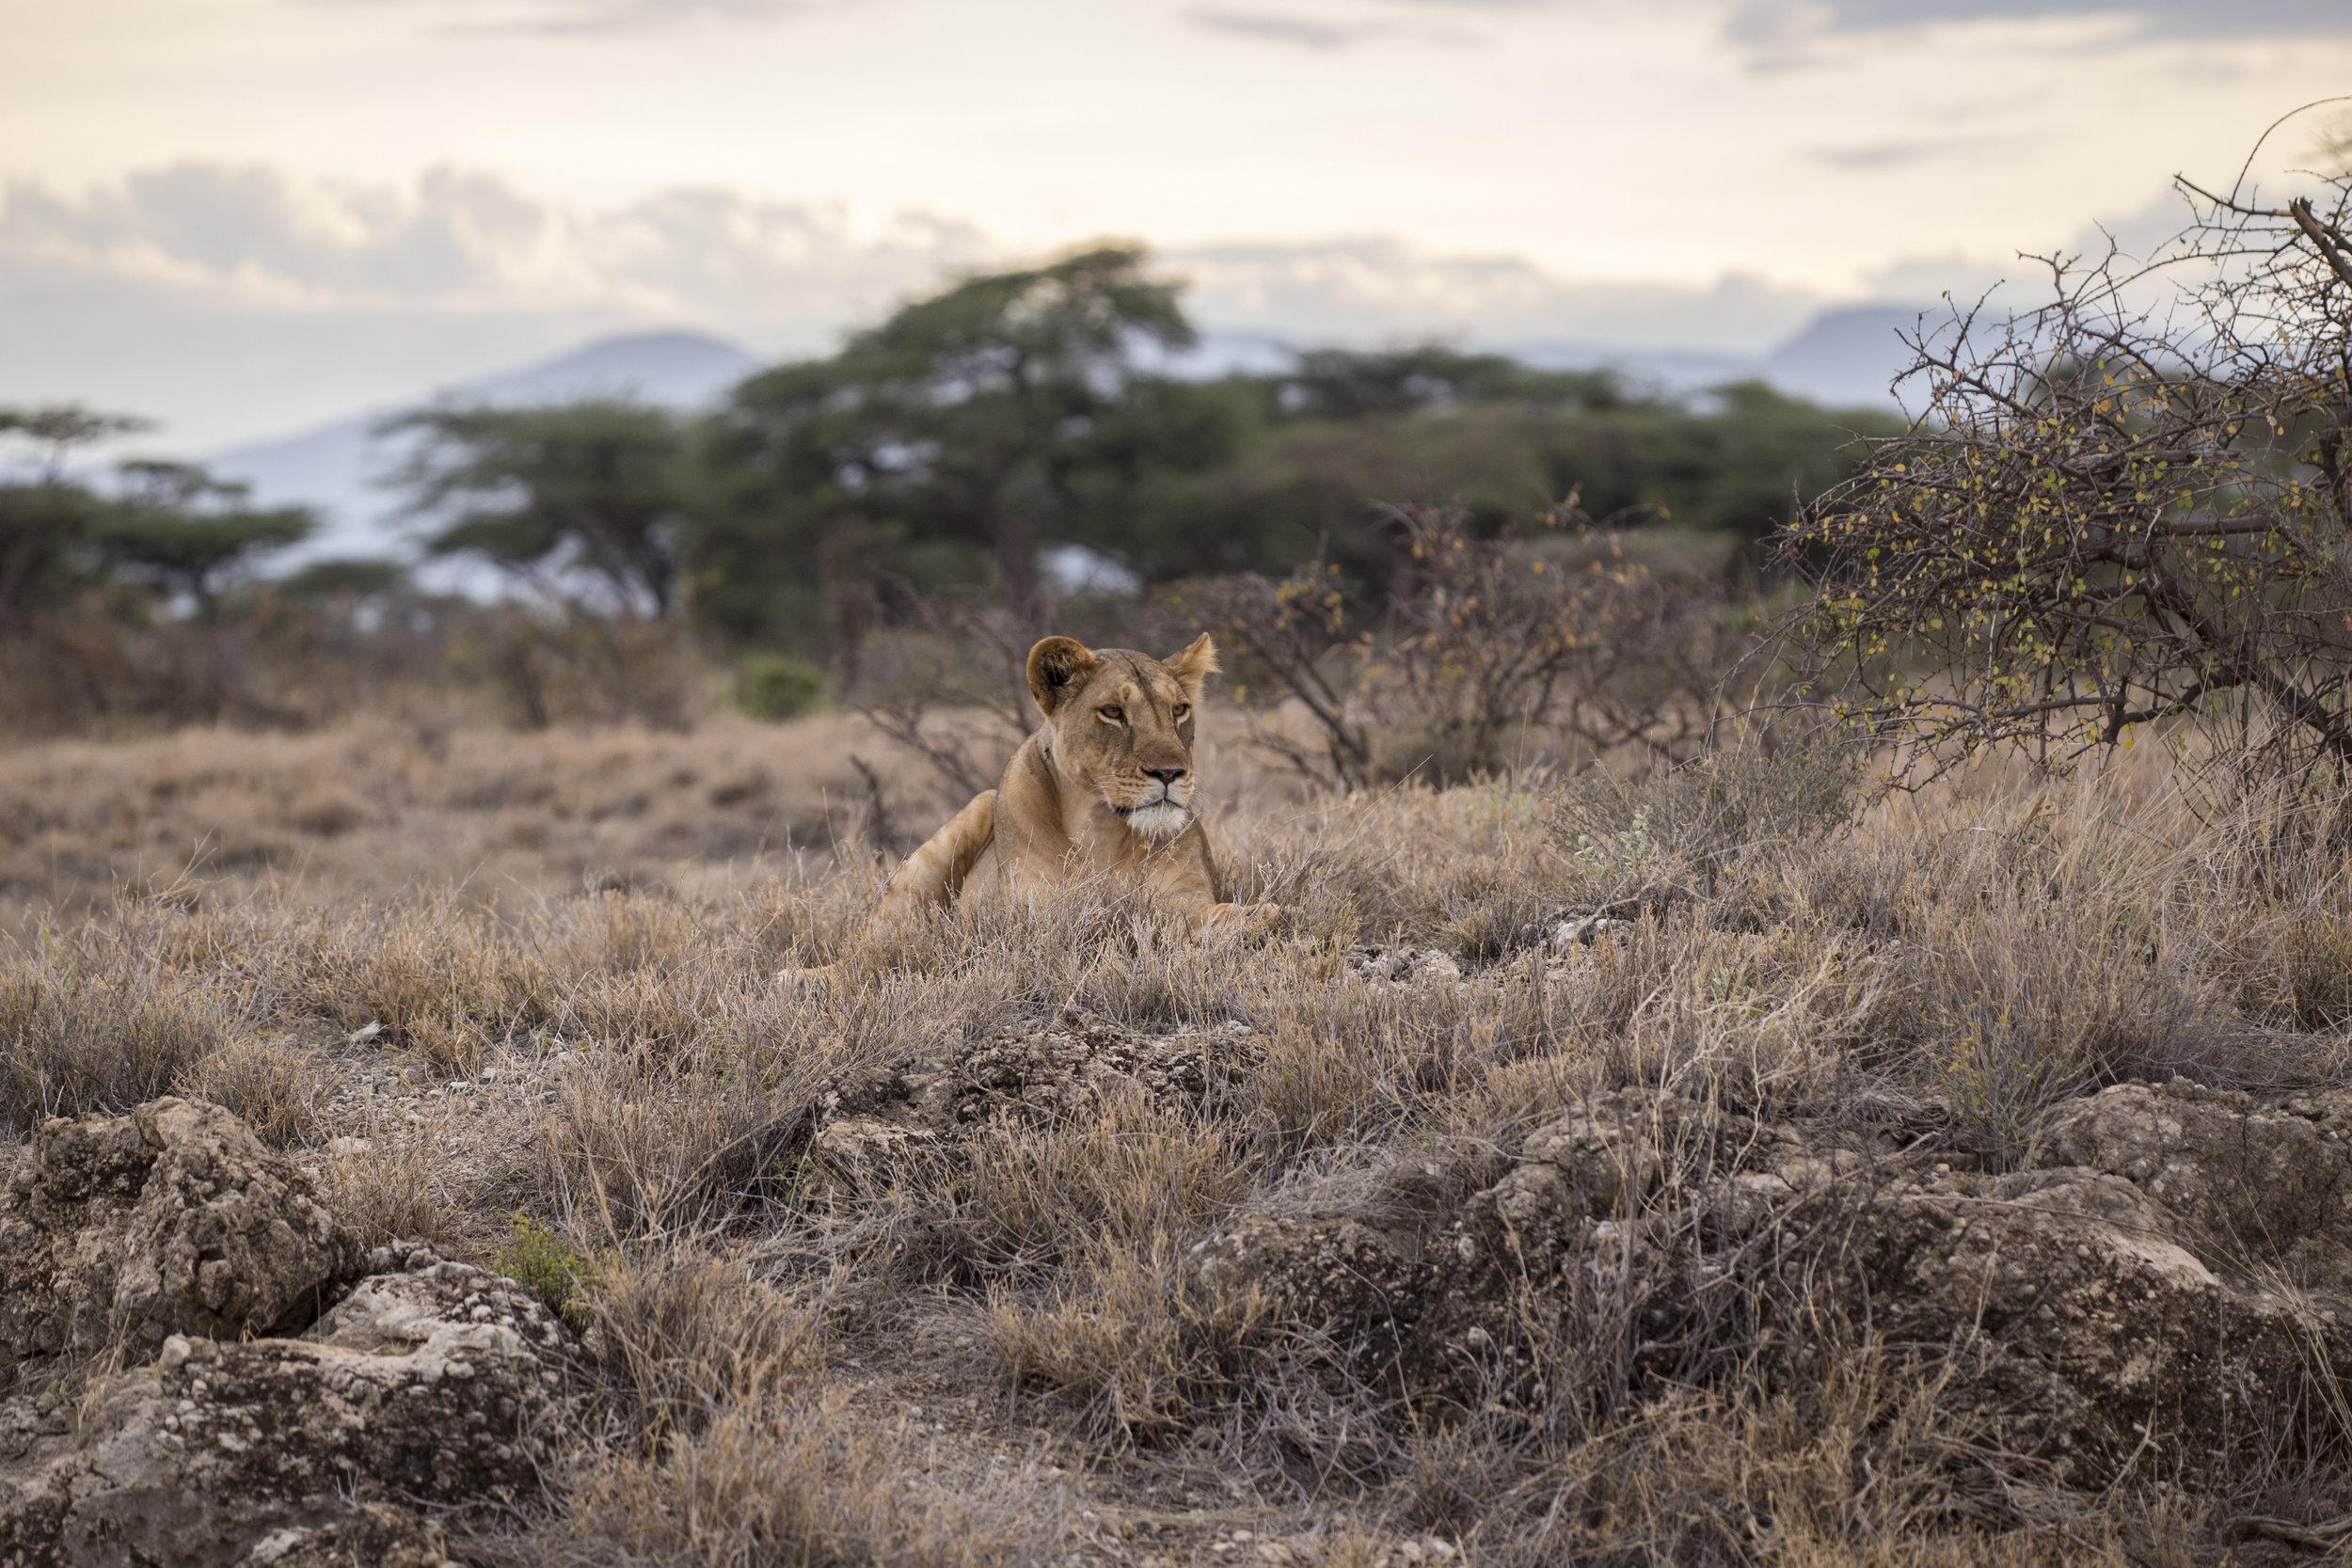 Safari - Kicsit távolabb, de két órás úttal elérhető egy rezervátum (Aquila Privat Game Reserve), ahol jó eséllyel megfigyelhetők a big five akár minden tagja. A túra fakultatív, ára körülbelül 100-150 euró.